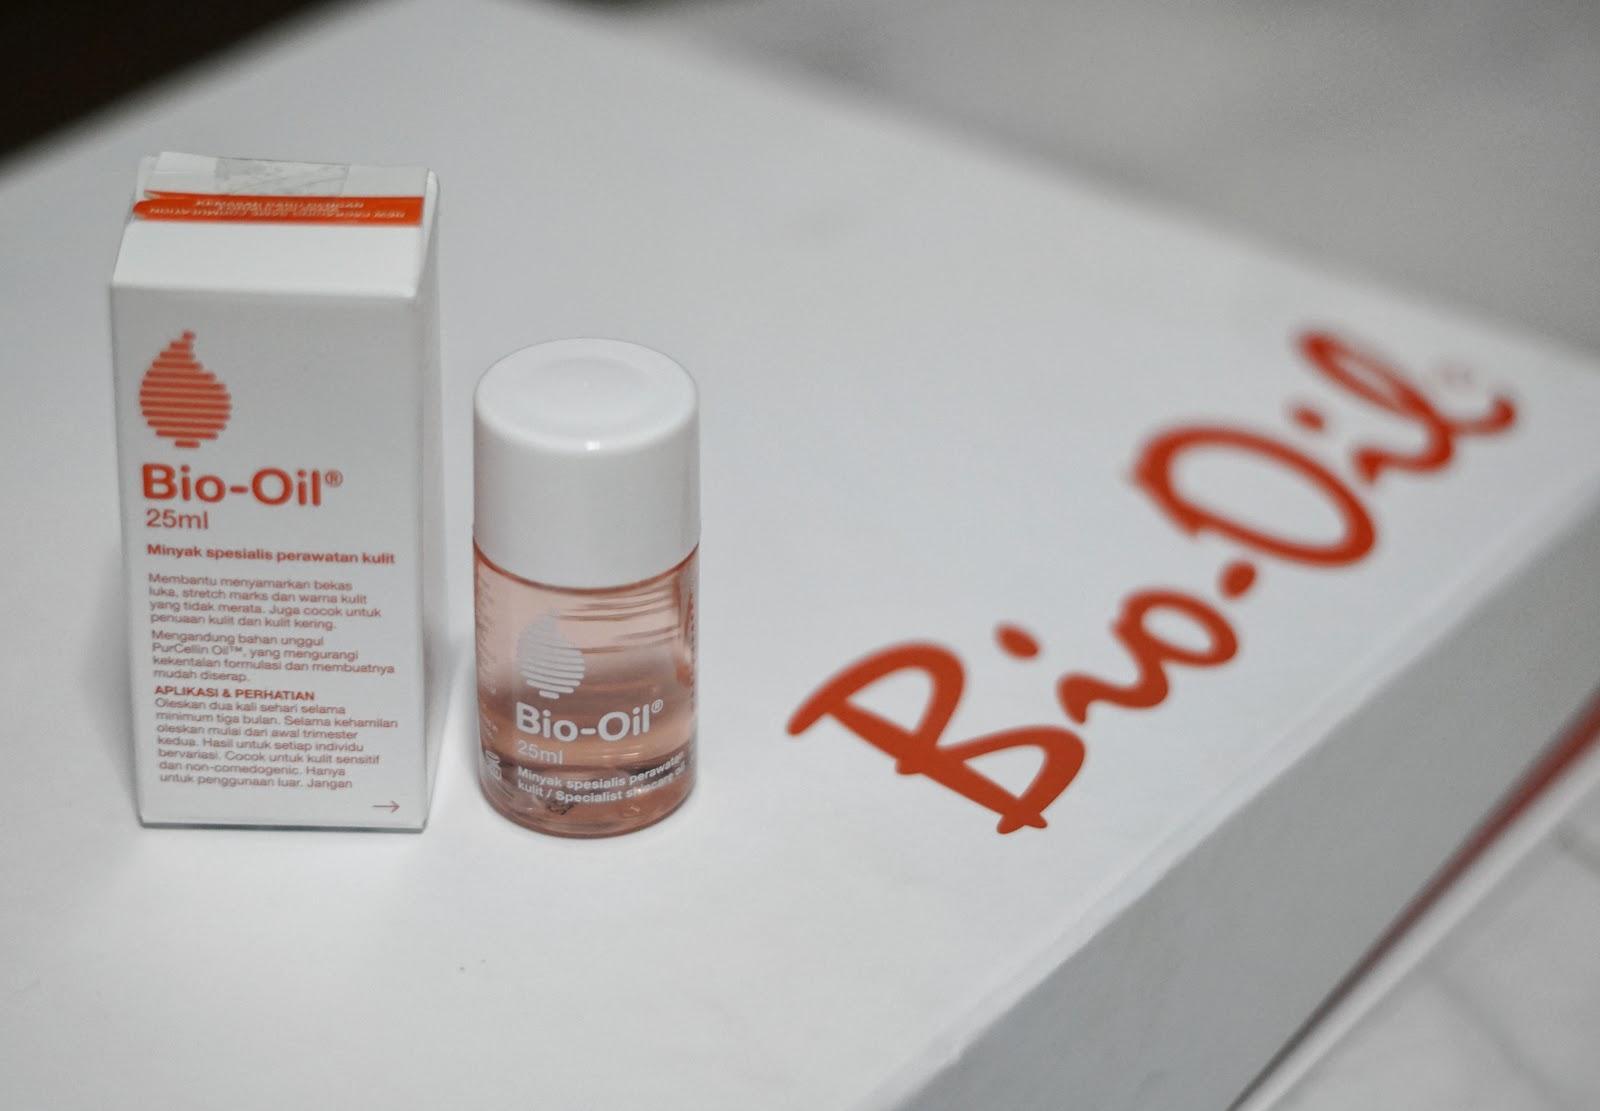 Harga Kamera Canon Bekas Termurah Terbaru Bulan Oktober 2018 Radish Soap Plus 2 By Beauty Secret